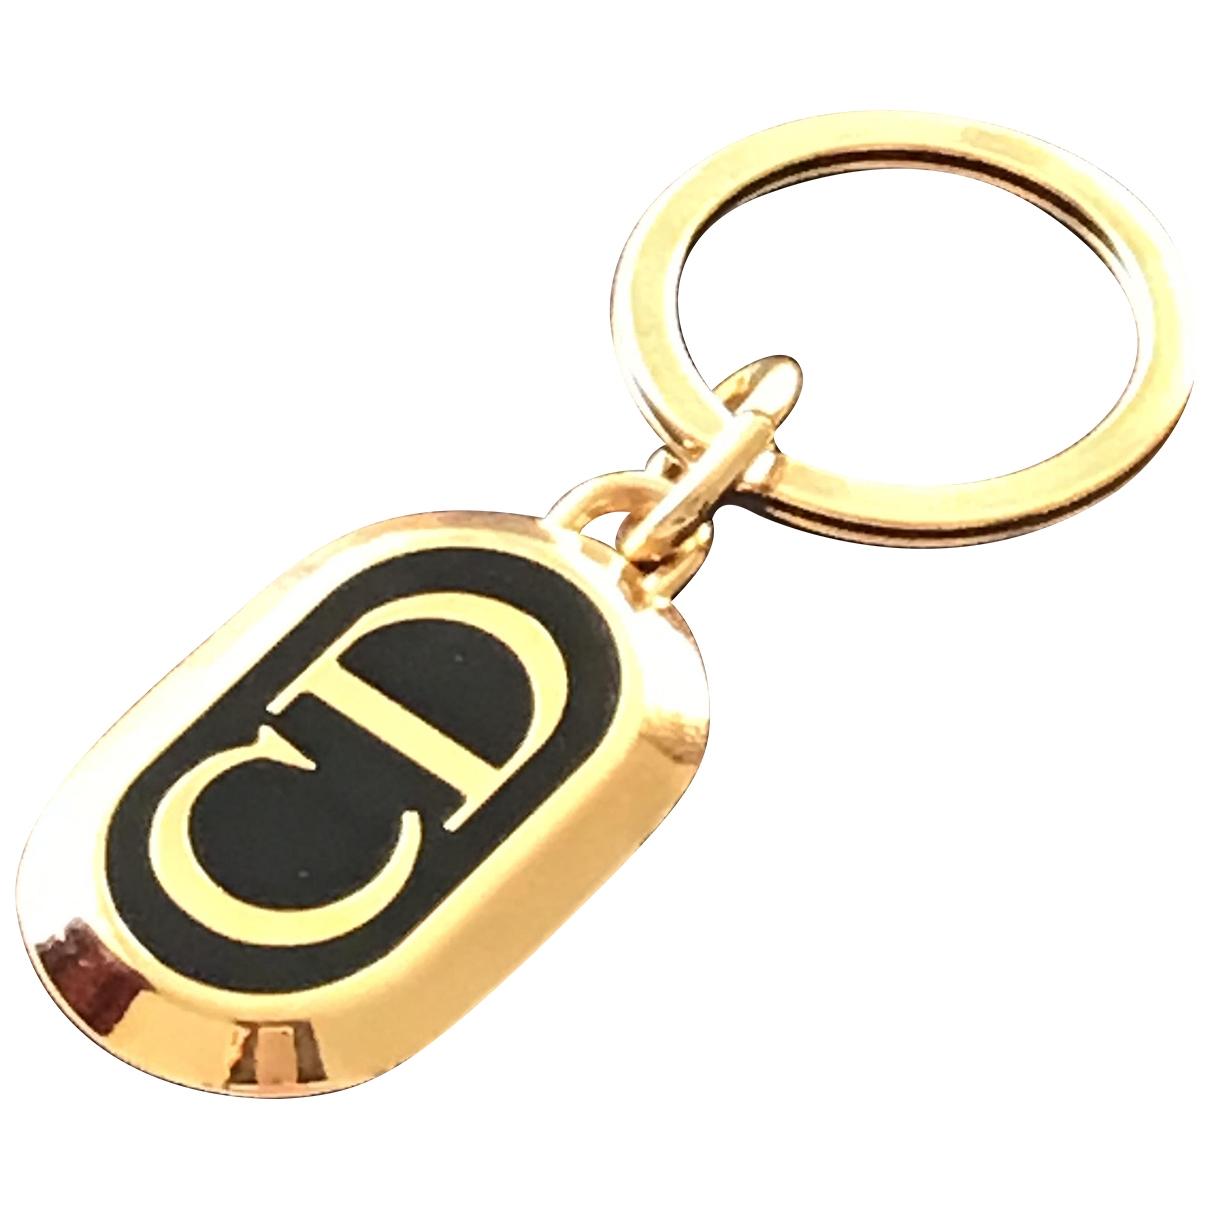 Dior Oui Taschenschmuck in  Gold Metall